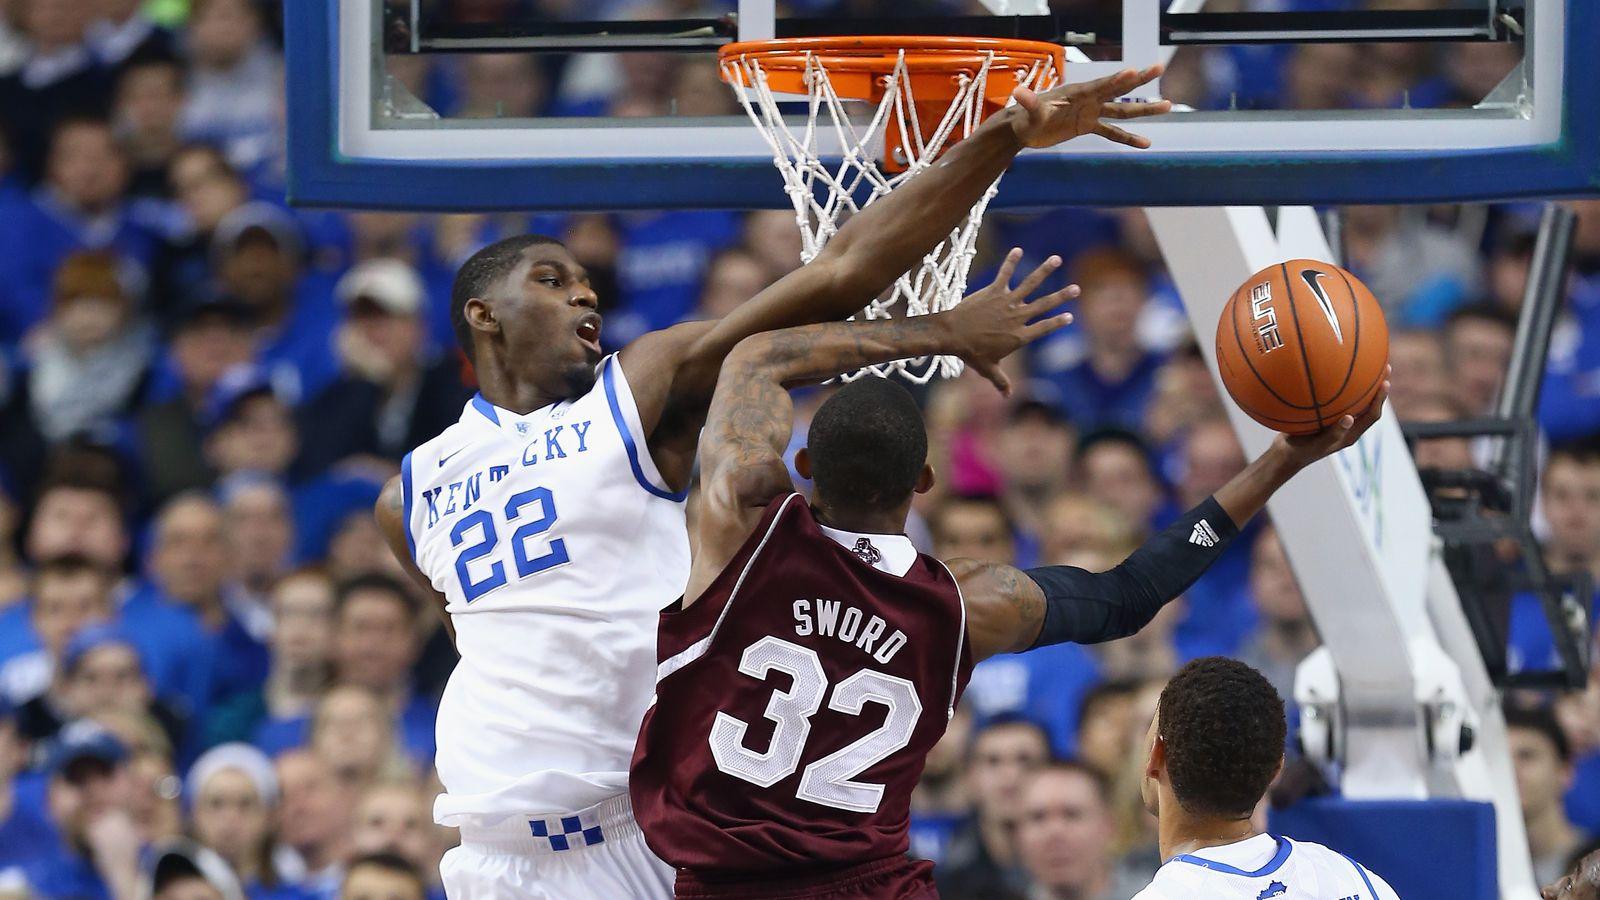 Uk Basketball: Kentucky Basketball Vs Mississippi State: Game Time, TV